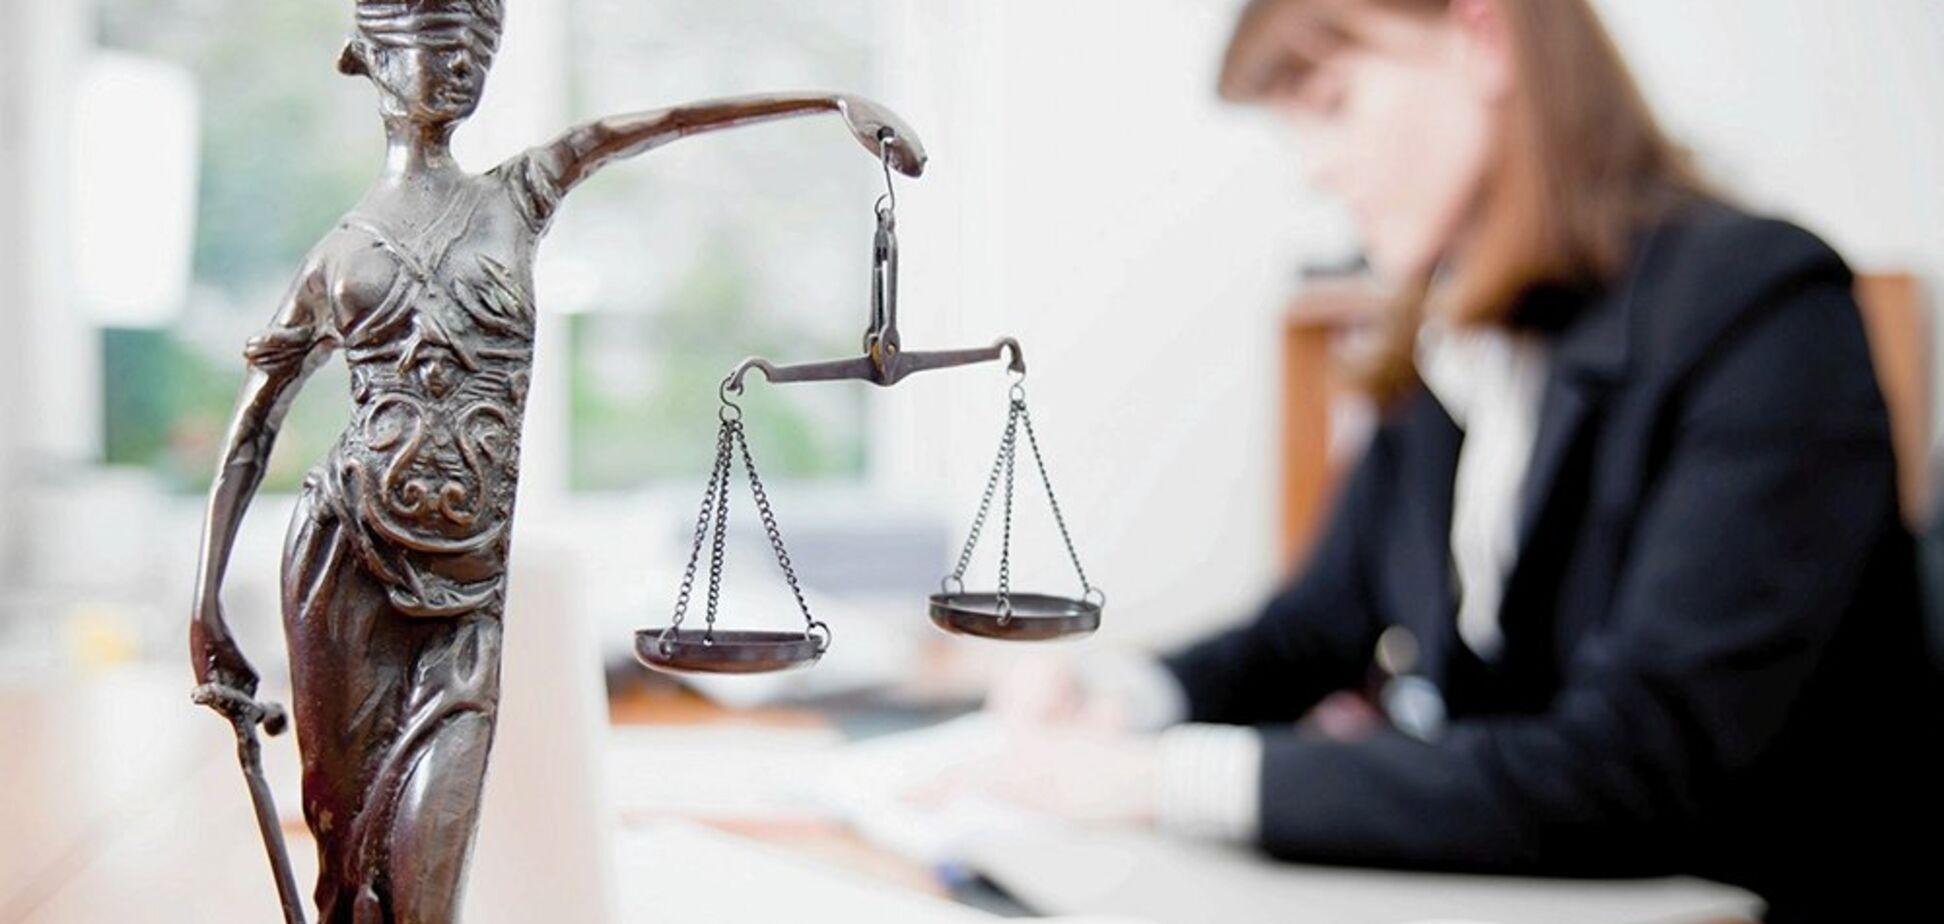 Провідні юридичні фірми підтримали законопроект №9055 ''Про адвокатуру та адвокатську діяльність''